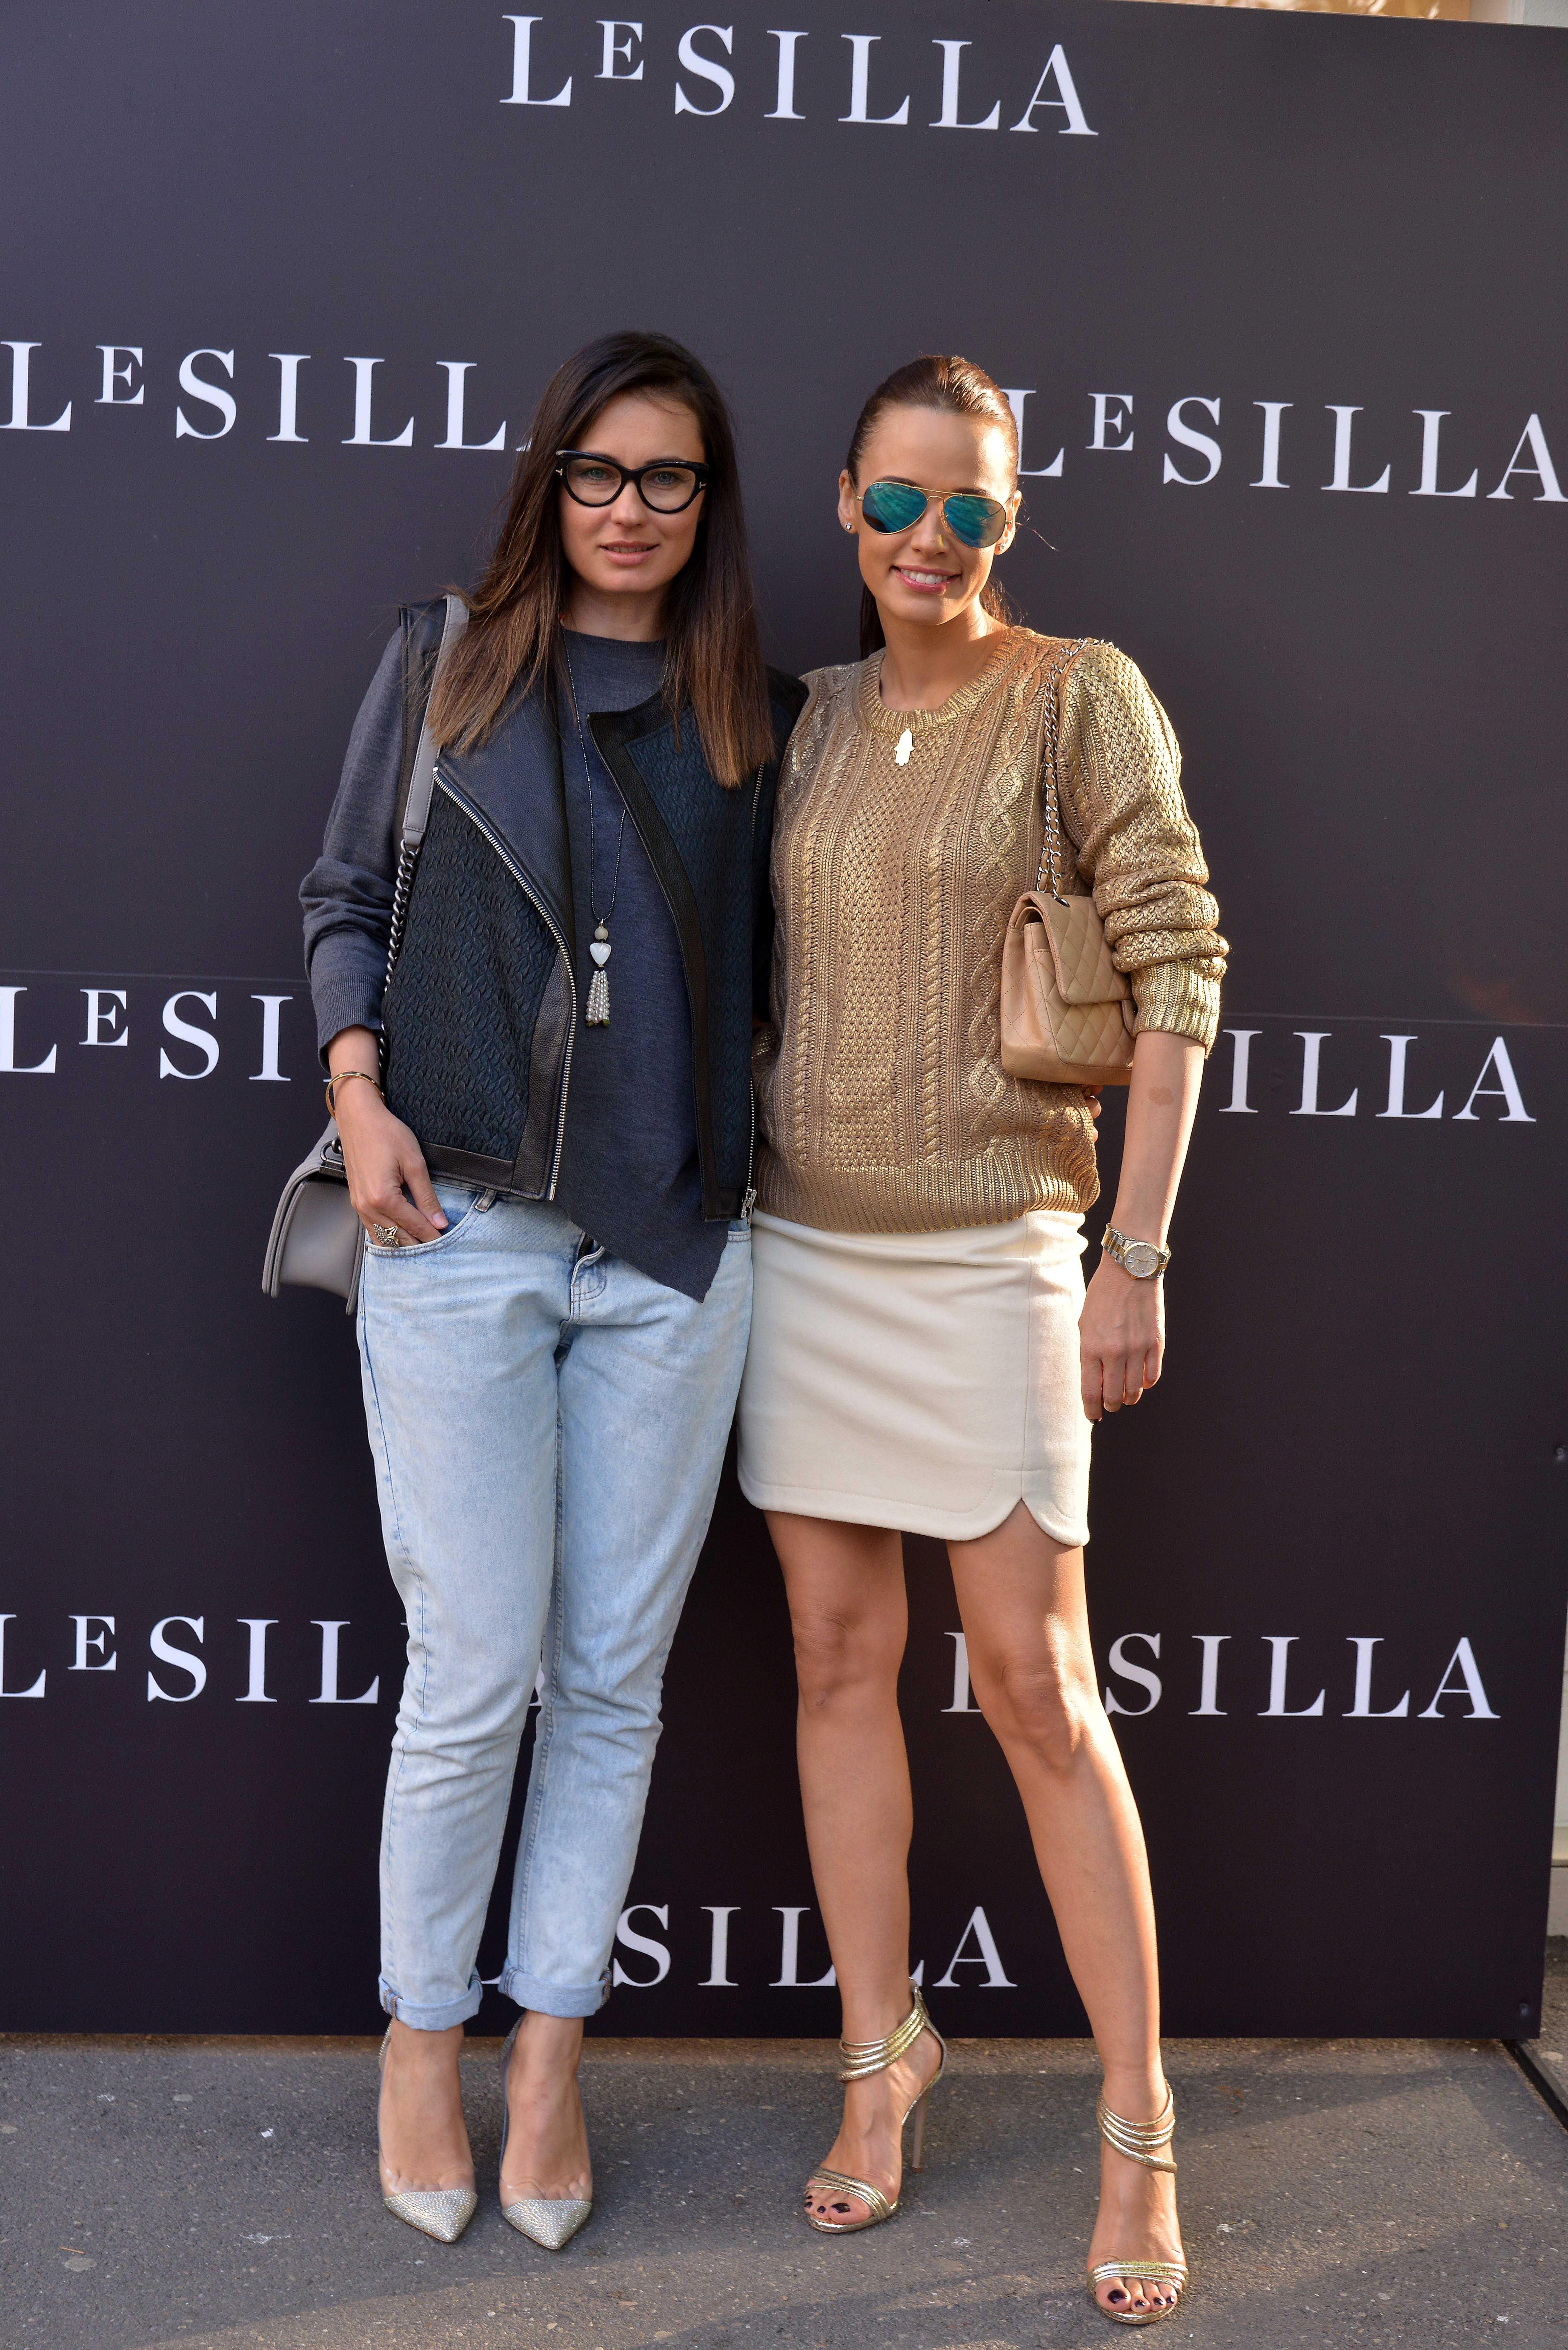 S-a deschis primul magazin Le Silla